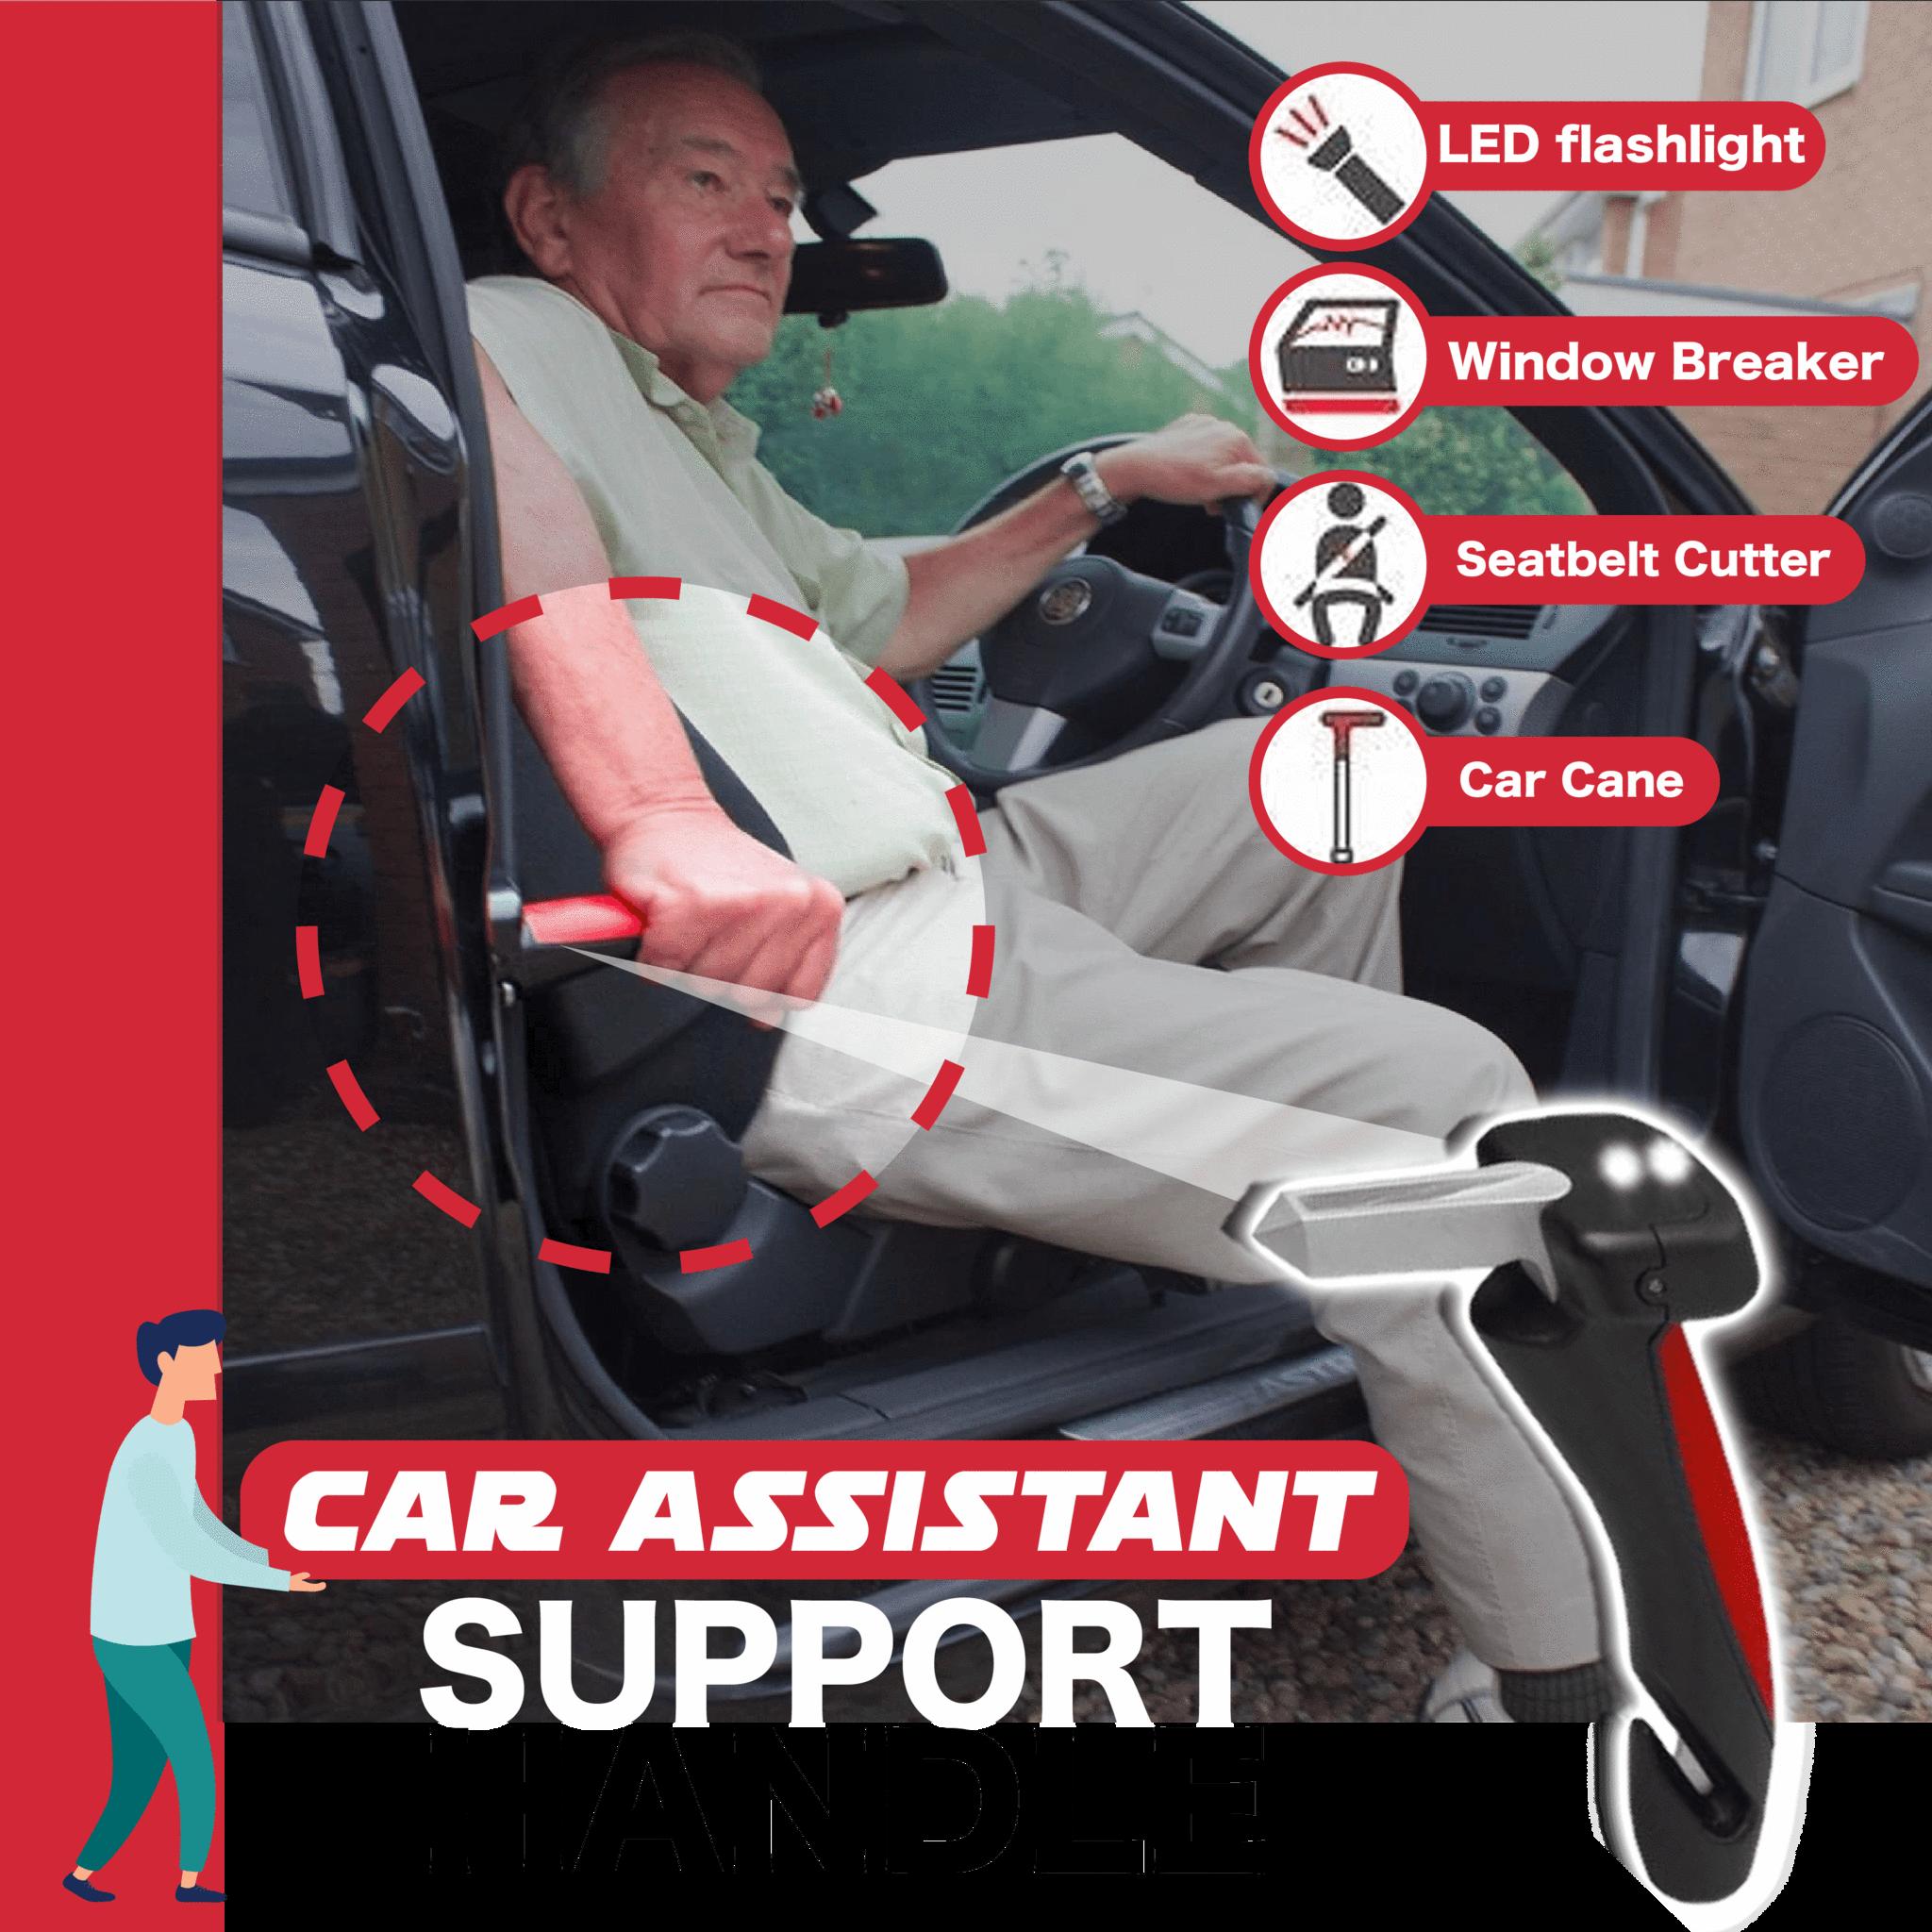 בר ידית עזר לדלת לרכב החלקה קשישים תמיכת רכב עומדת בטיחות פטיש סיוע לניידת חלונות מפסק חלון לרכב